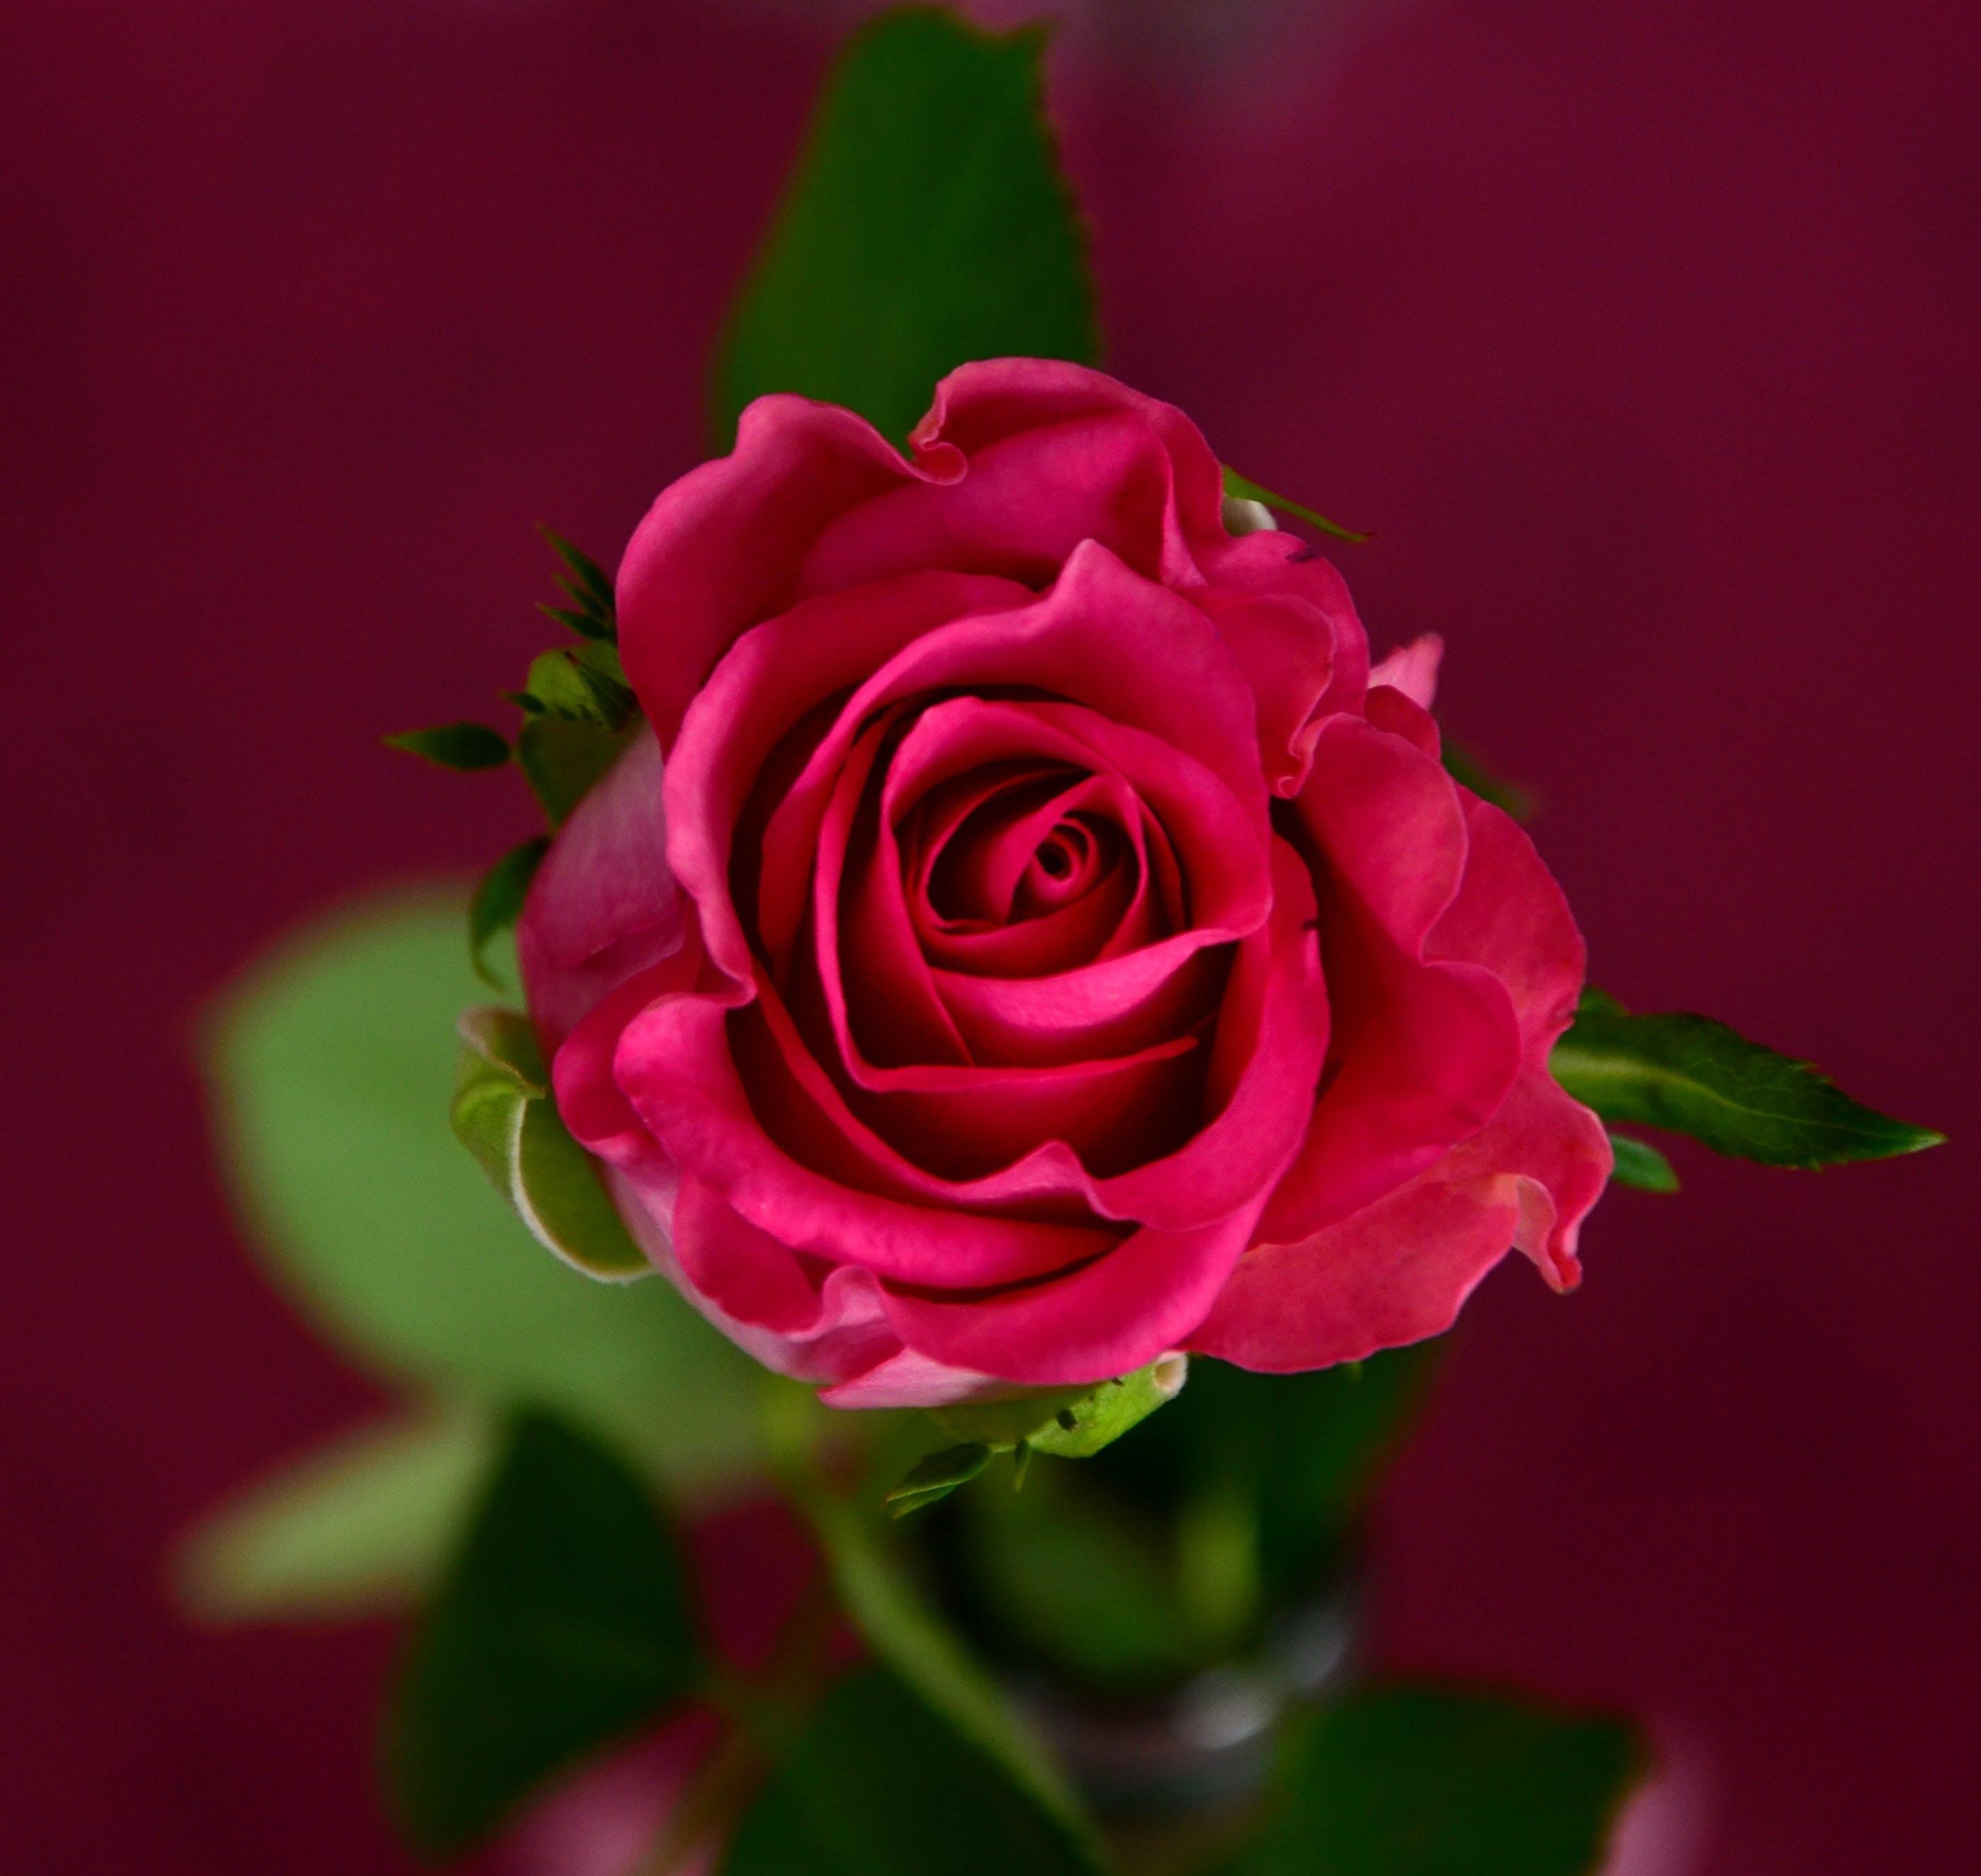 bloom, blossom, flower